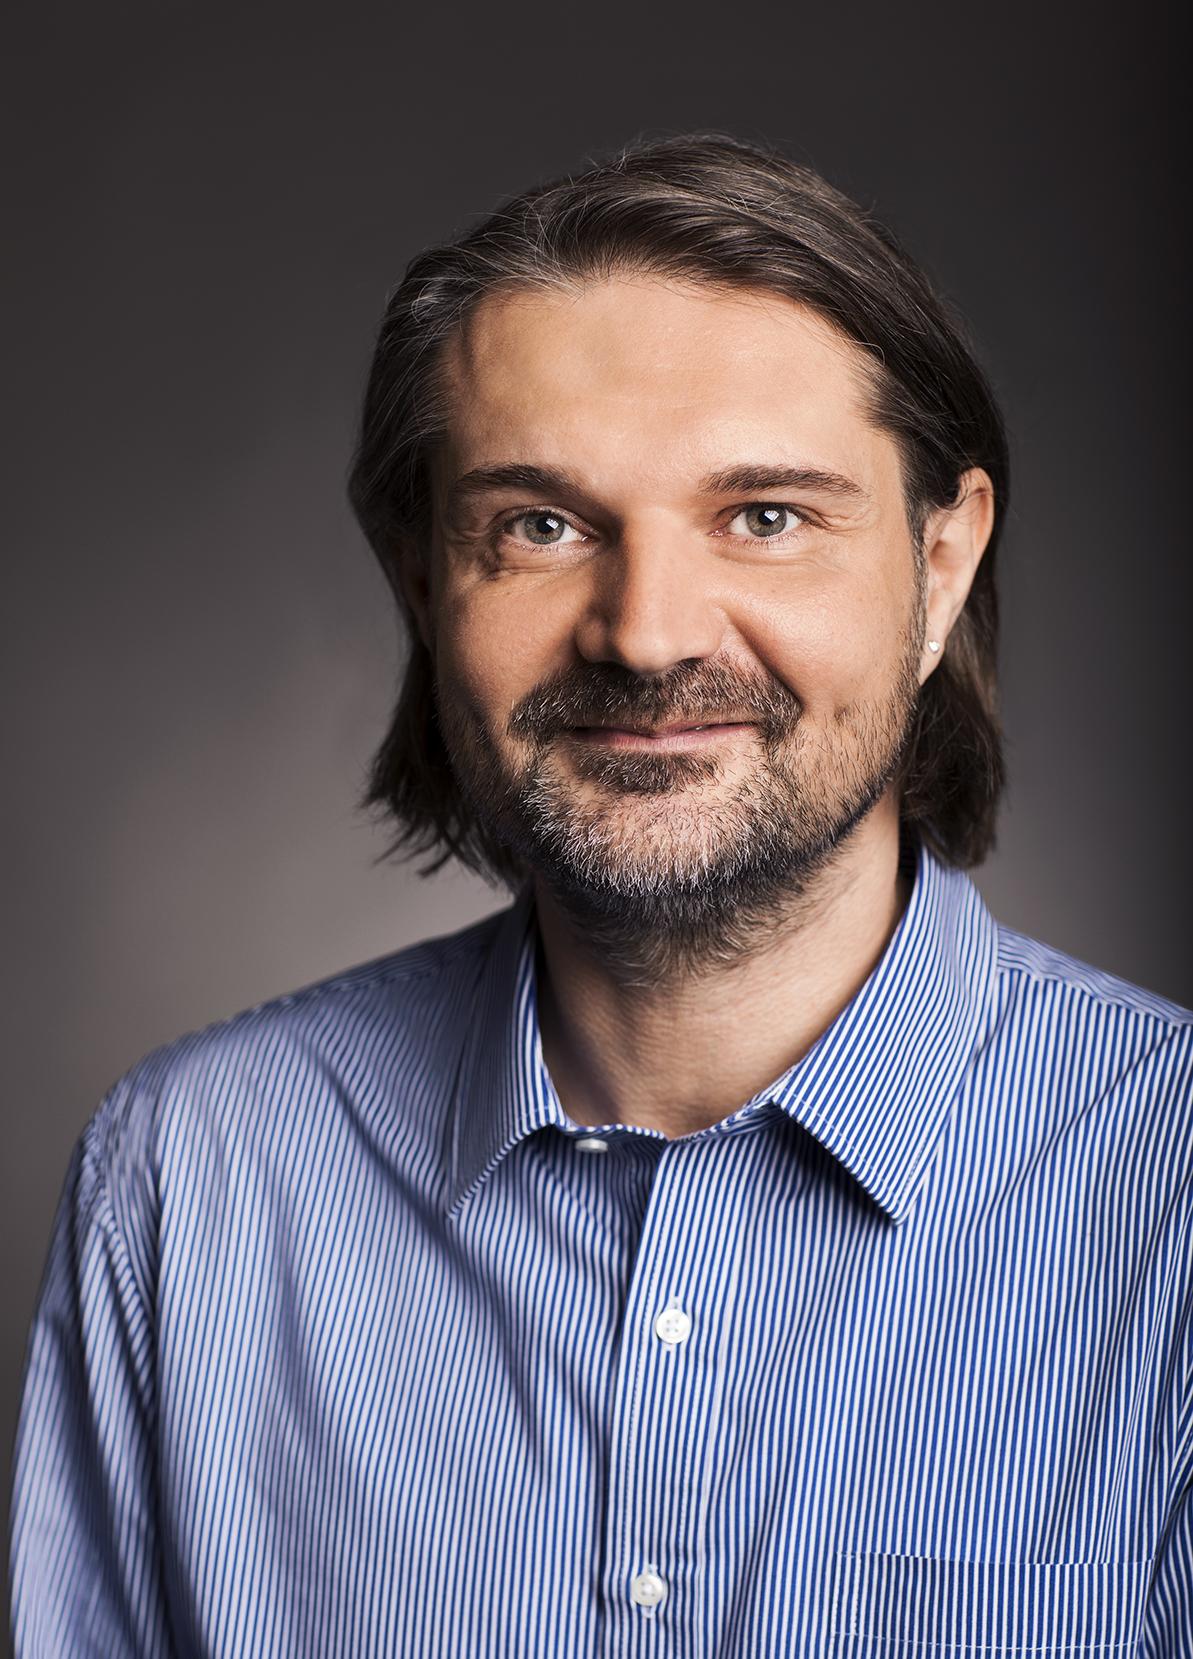 Alexandr Tóth